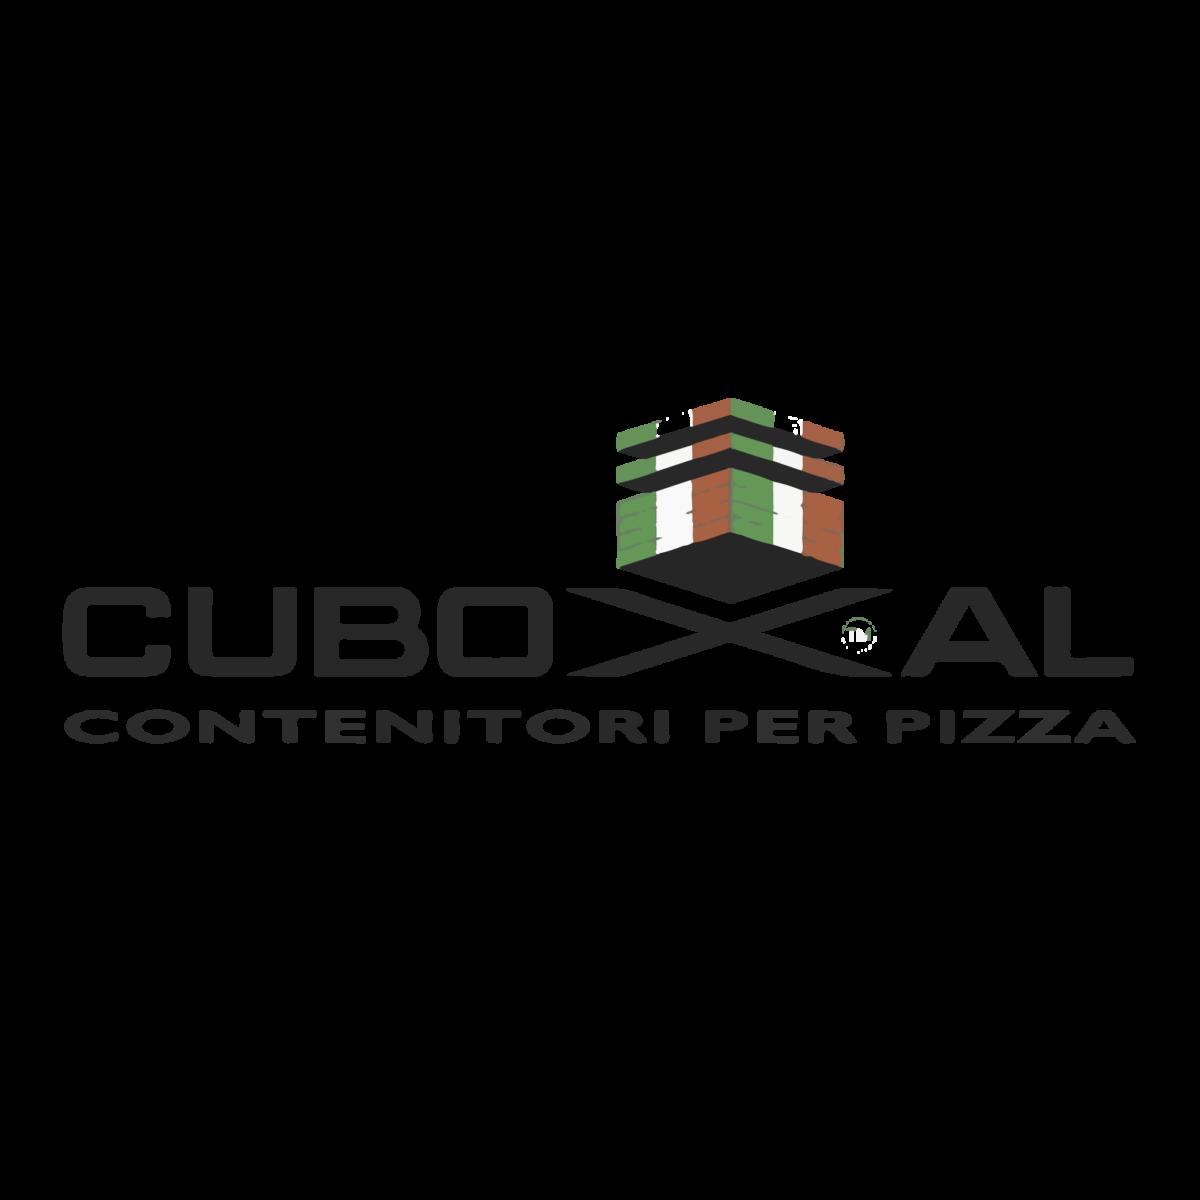 cuboxal 01